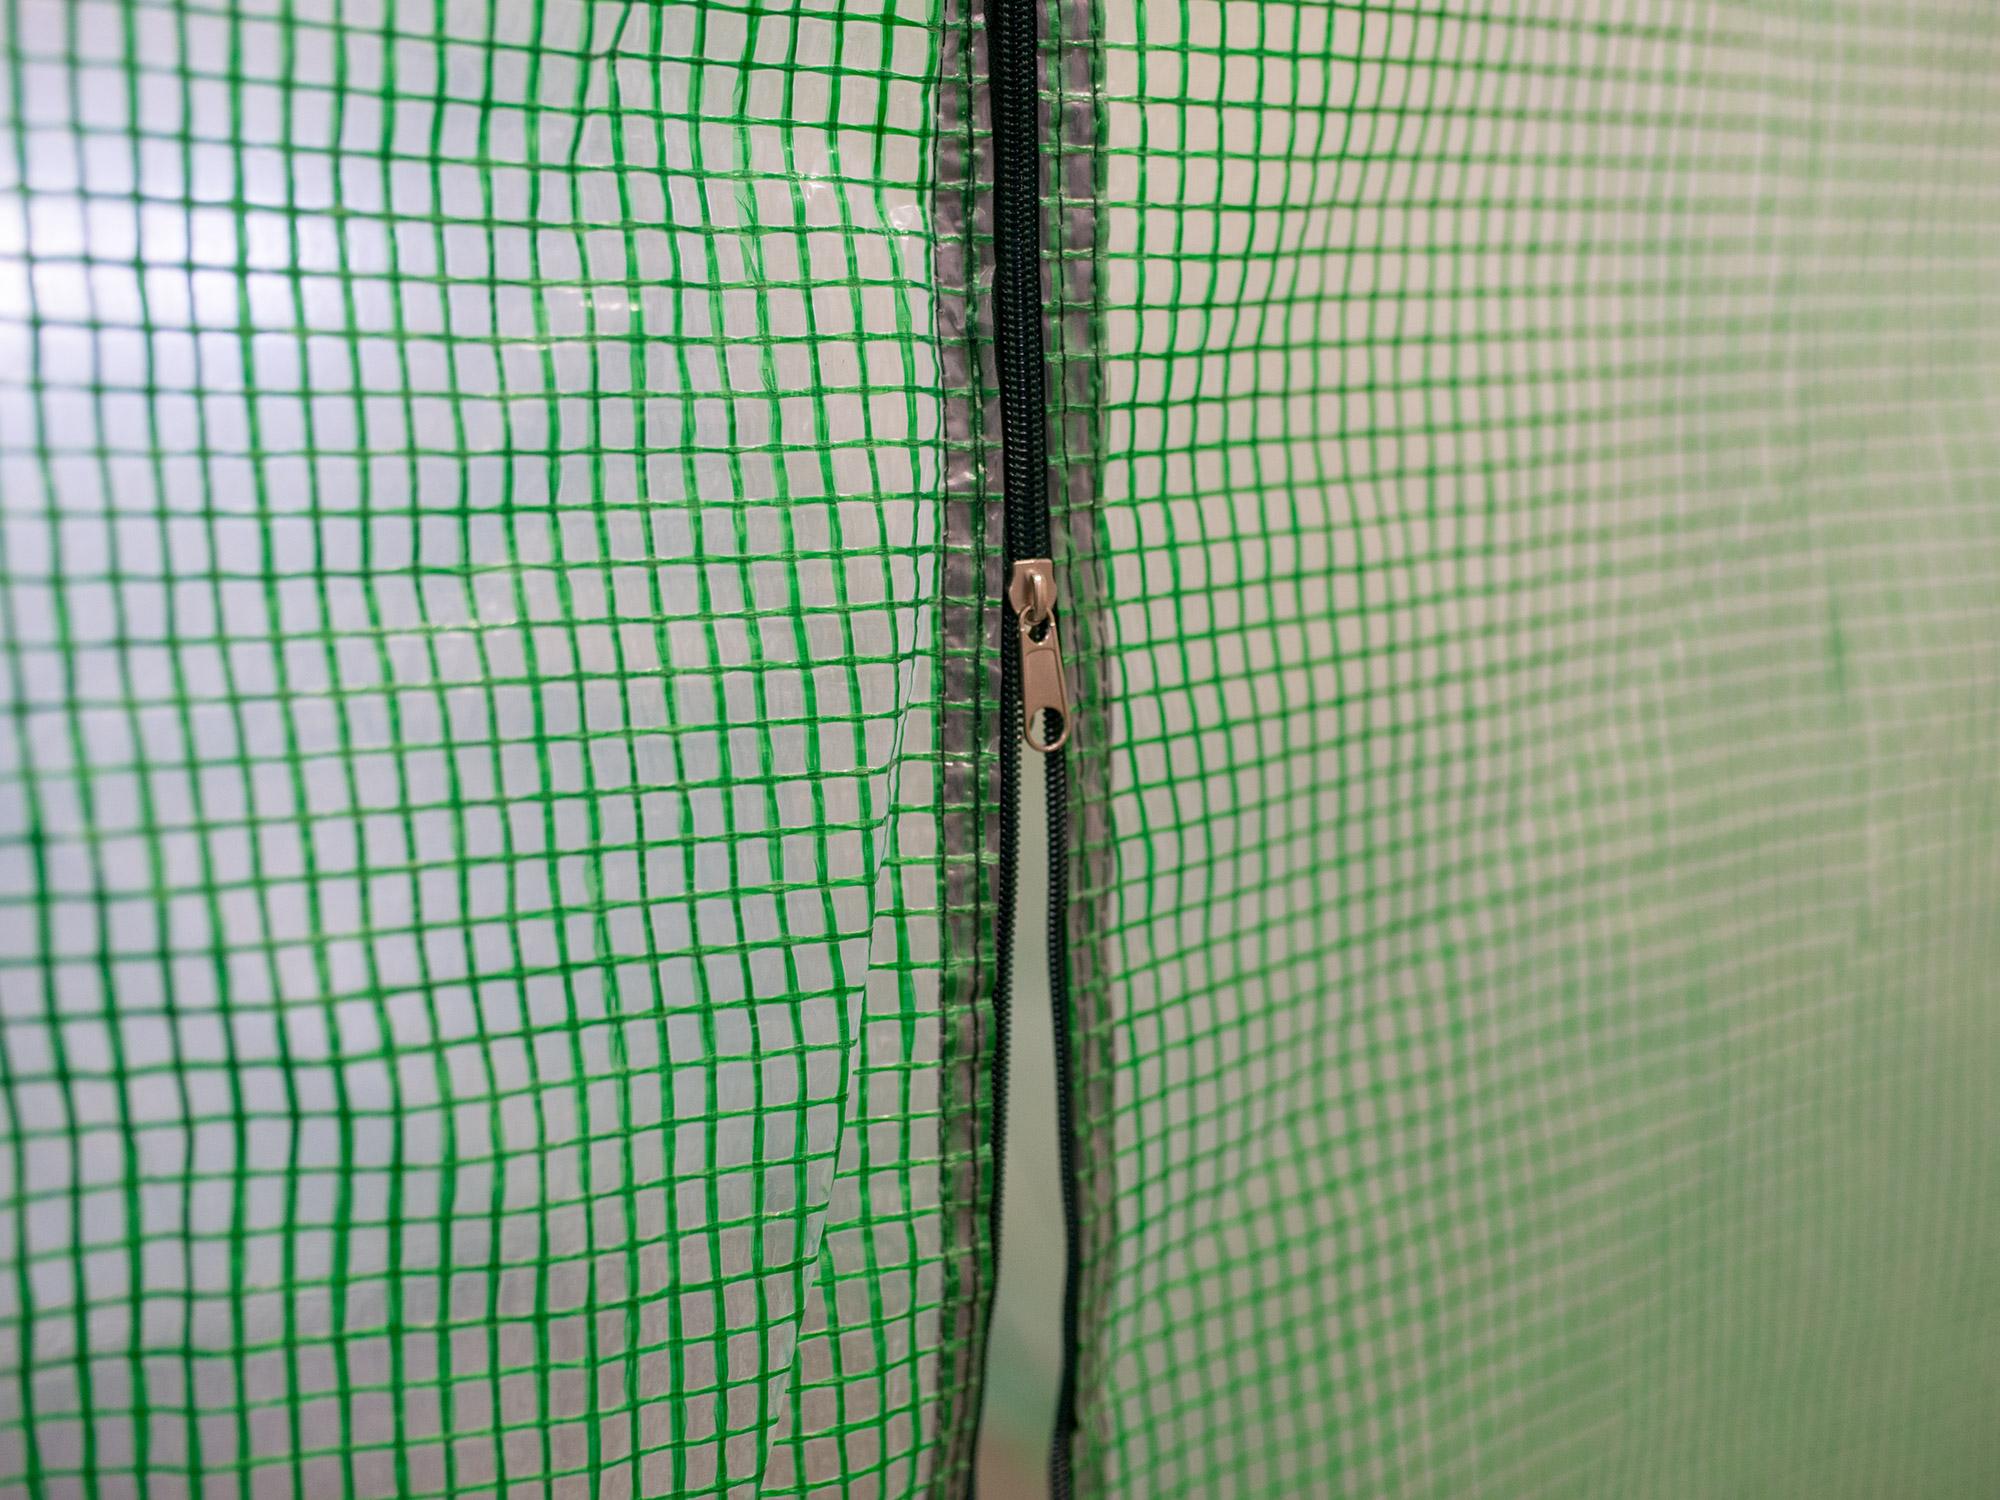 Folia ZAMIENNA 2x3,5m na tunel ogrodowy 7m2 Szerokość 200 cm